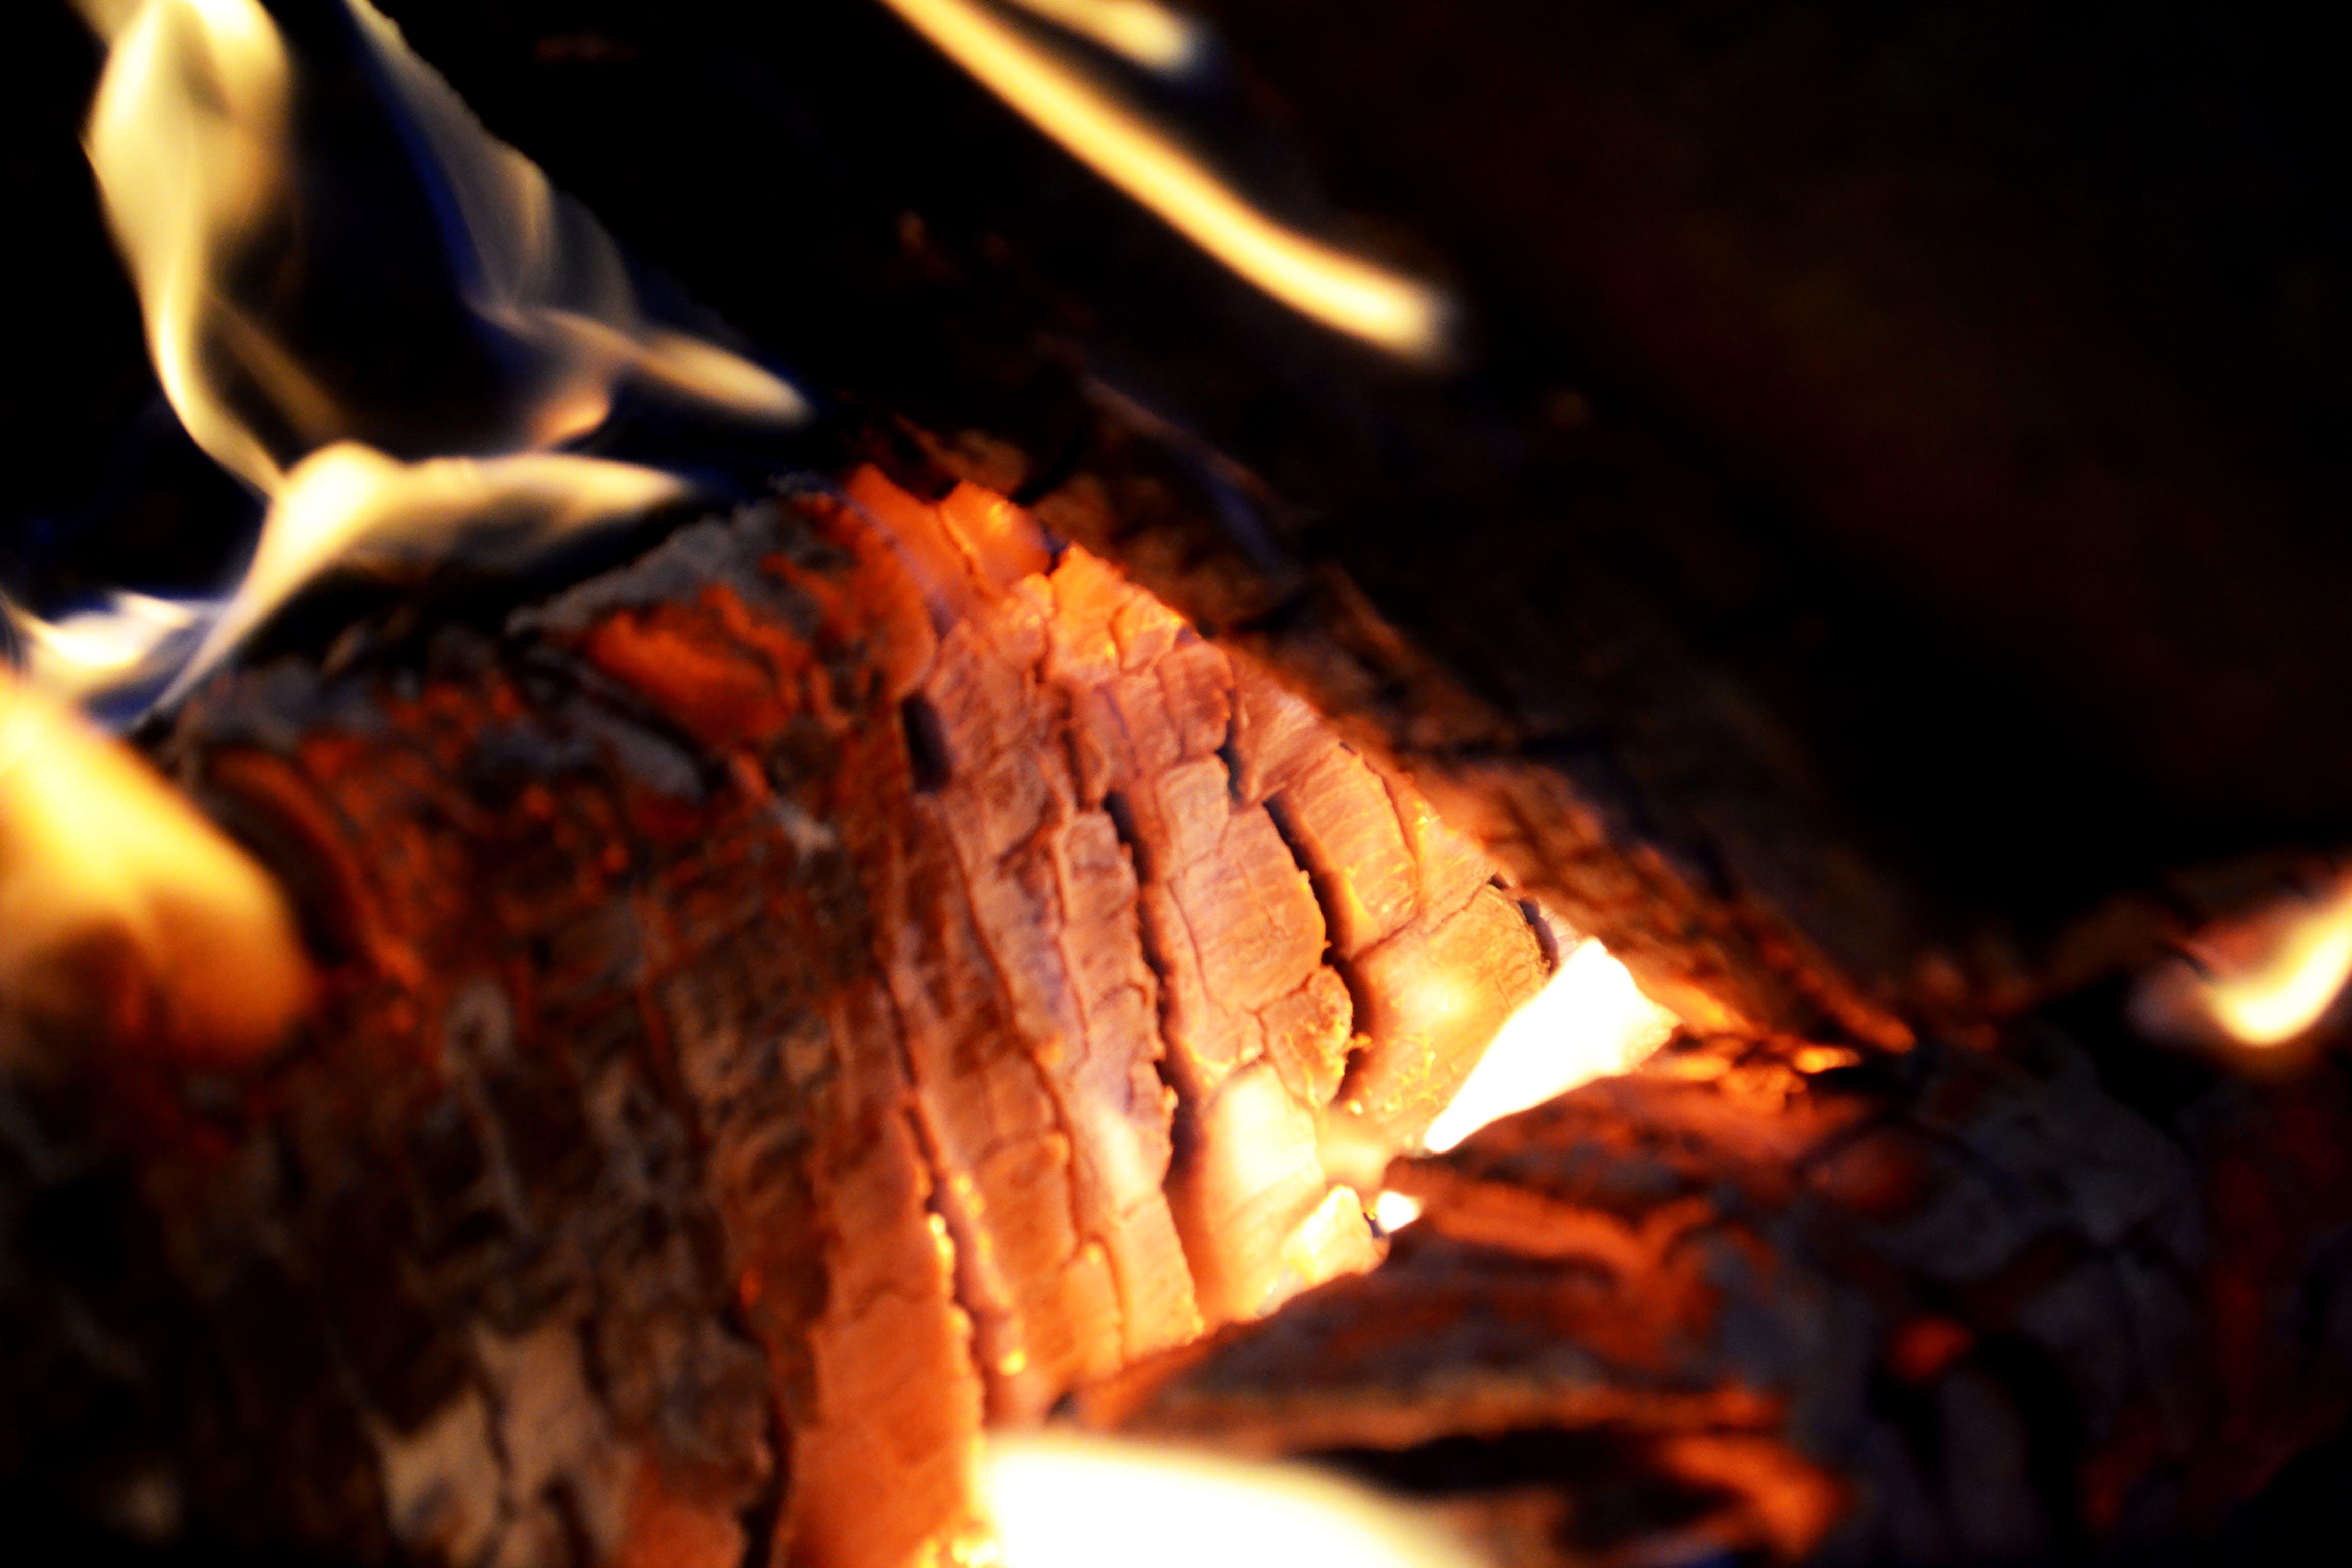 Kostenloses Stock Foto zu asche, brand, brennen, brennhölzer